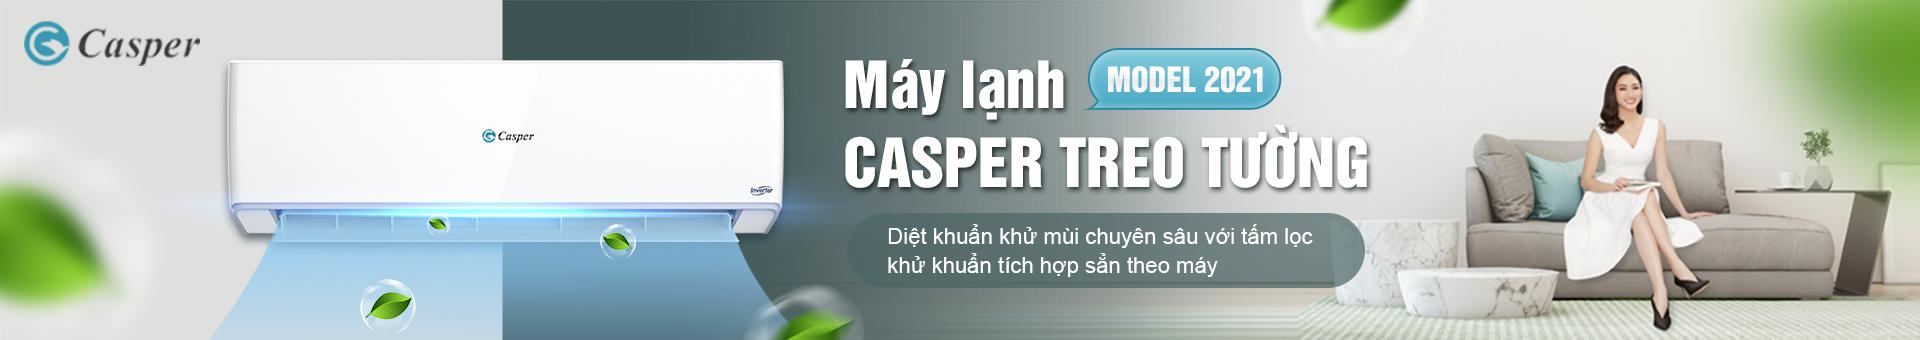 Máy lạnh Casper - Điều hòa Casper